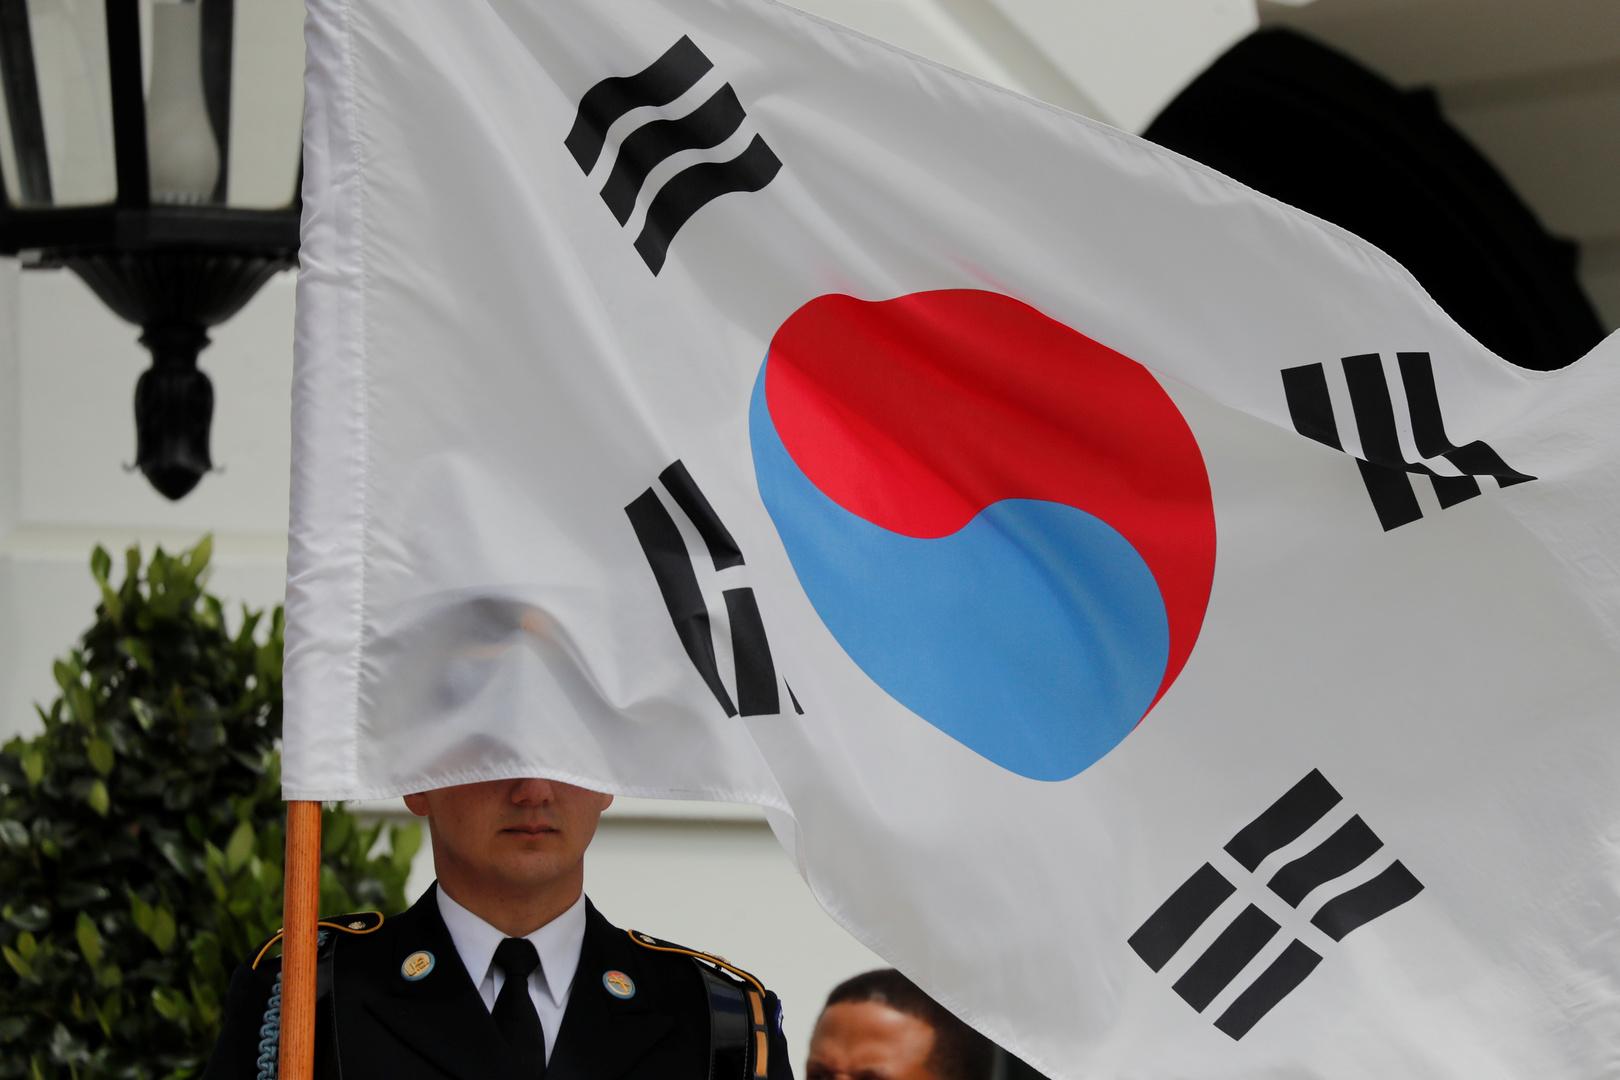 كوريا الجنوبية.. انتحار مسؤول كبير واستقالة وزير